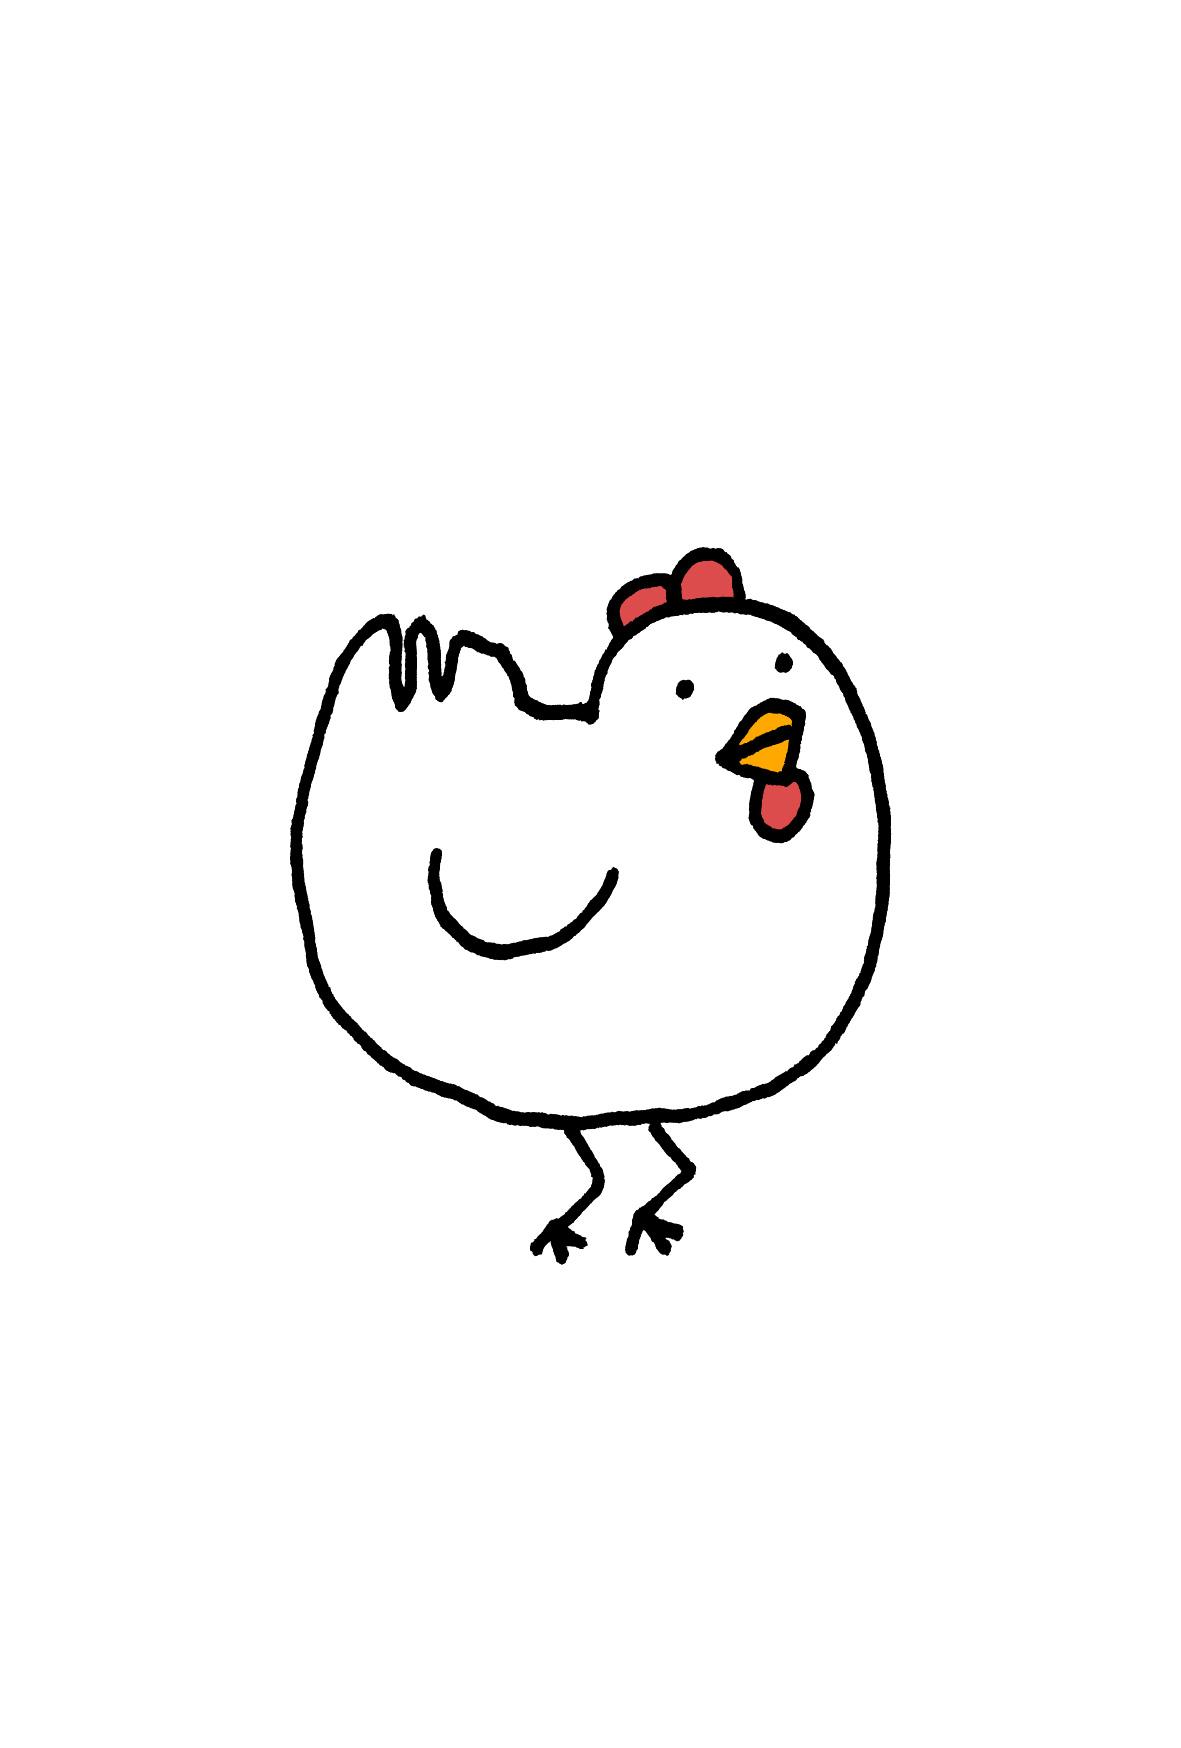 脚の向きがおかしいかわいい鶏年賀状イラスト素材【酉年】